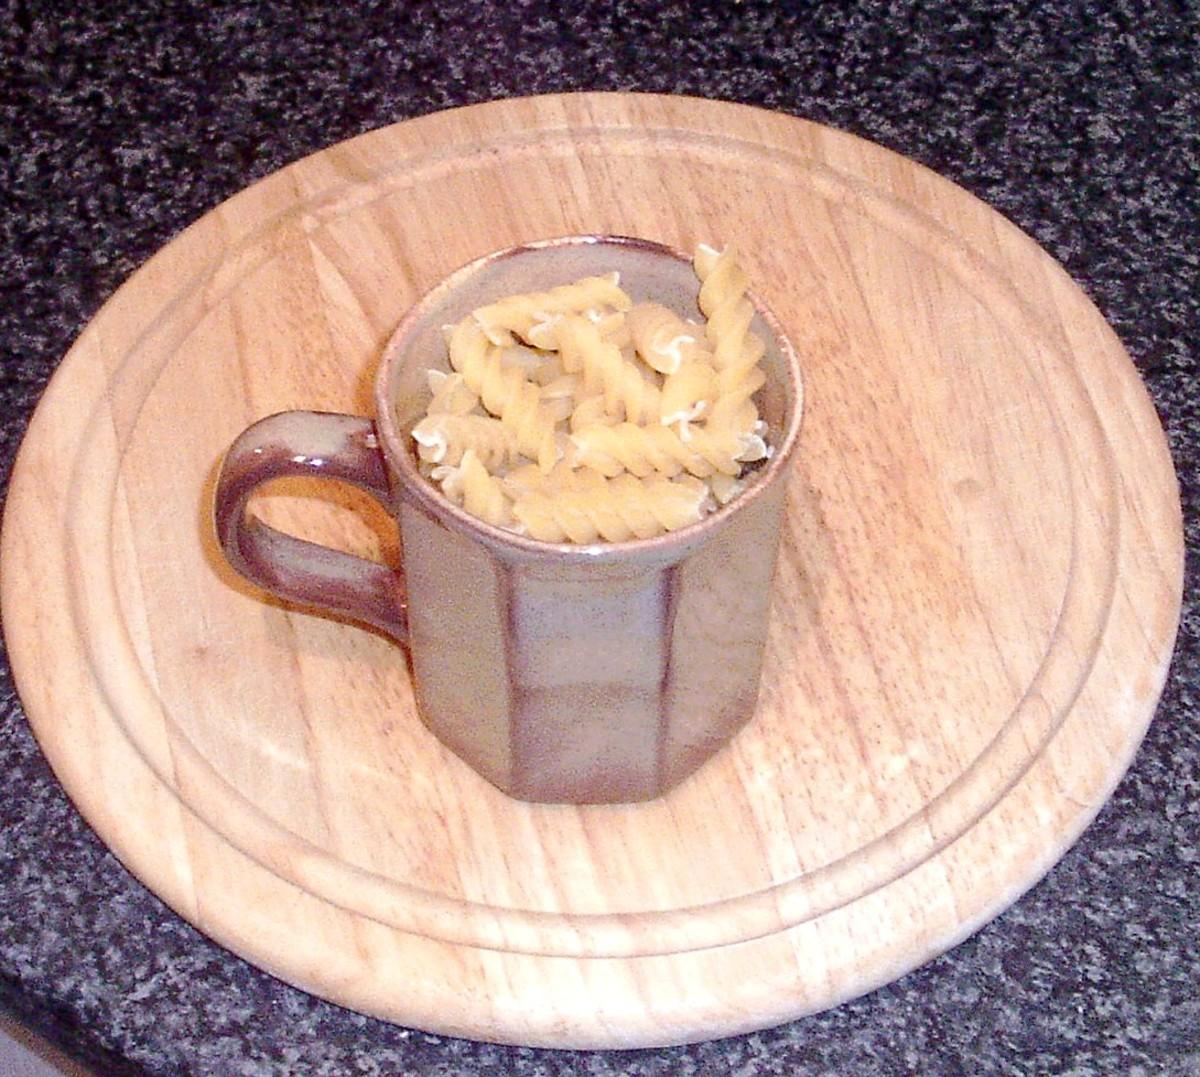 Dried fusilli pasta